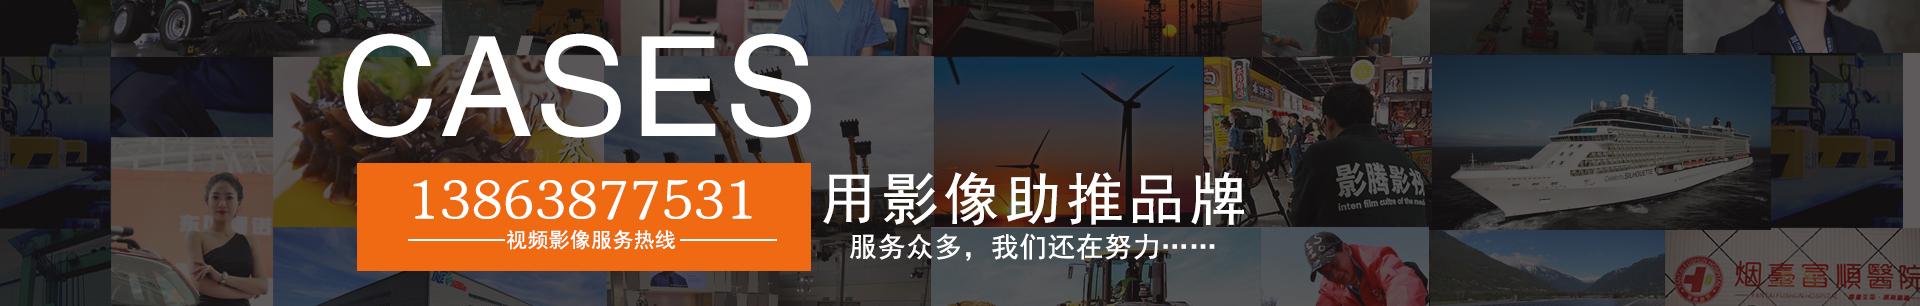 影腾影视文化传媒 banner